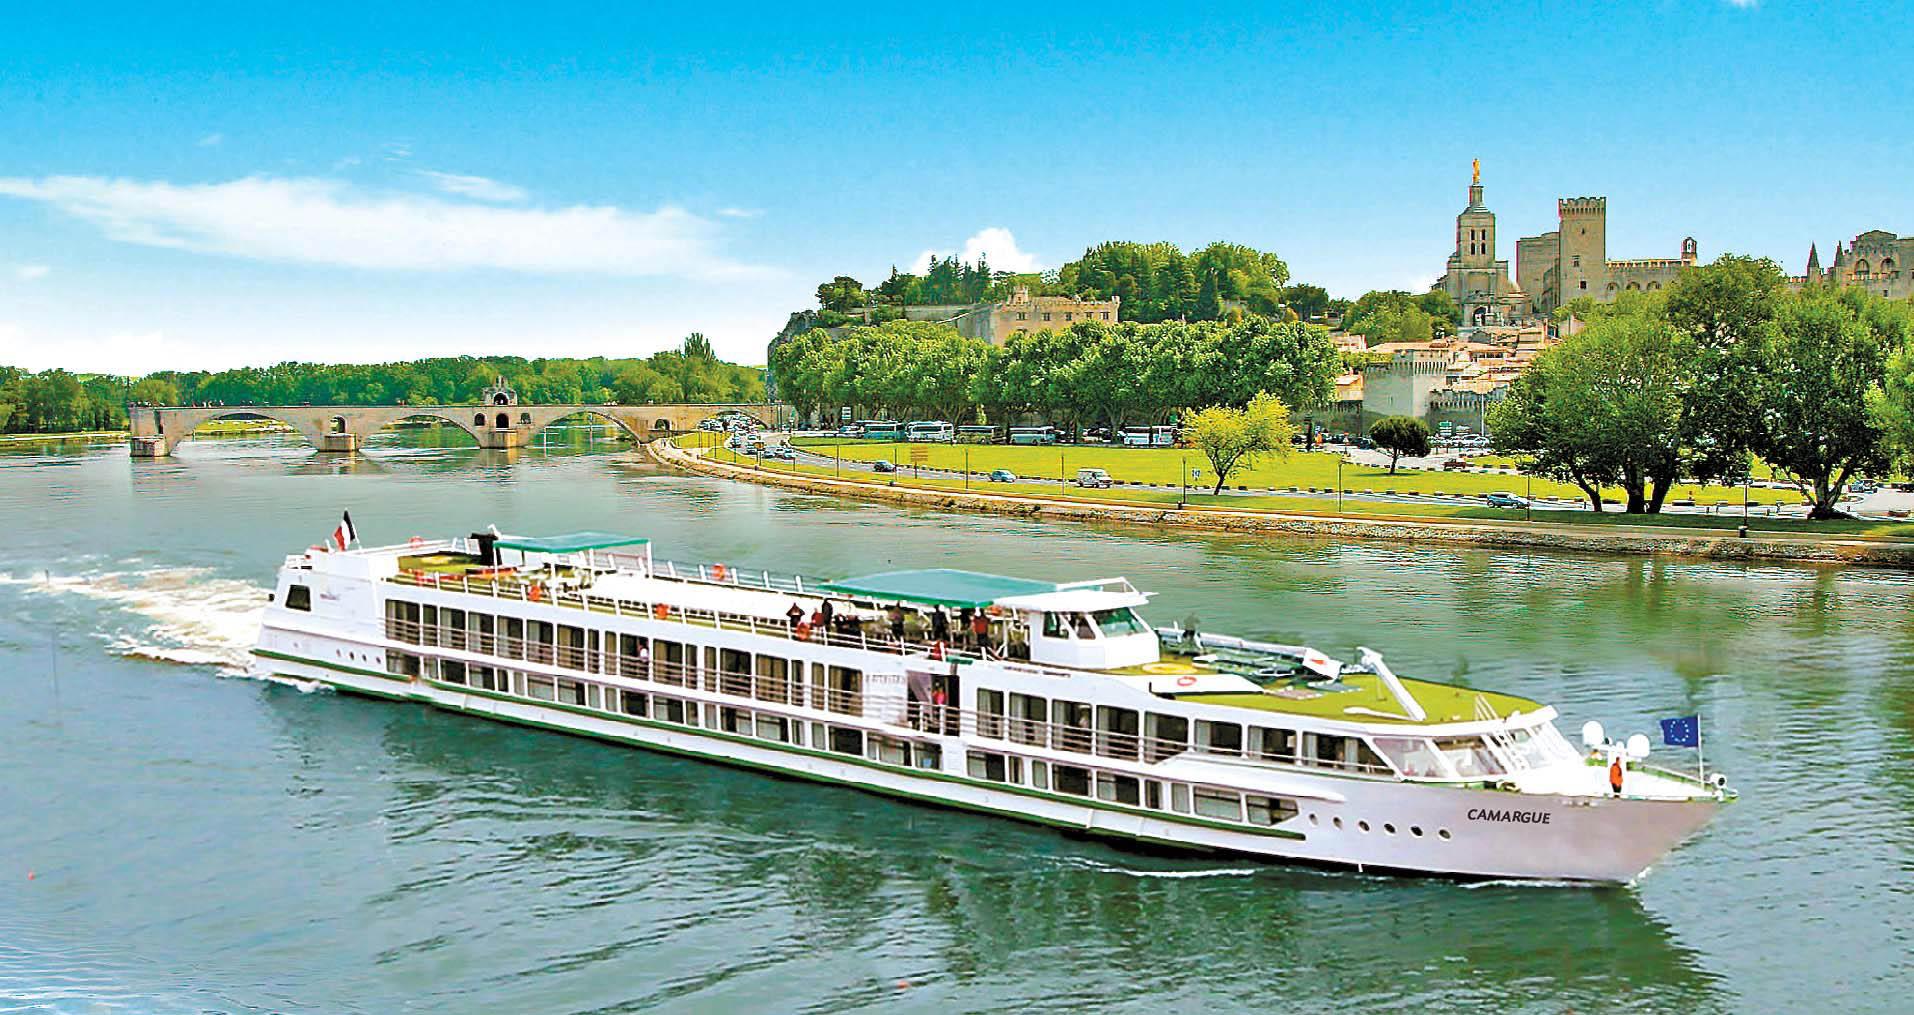 롯데관광이 최초로 선보이는 스위스와 남프랑스 론강 리버팩 여행은 유럽을 색다르게 즐기는 법을 제시했다.패키지여행에 유럽을 관통하는 강을 따라 운행되는 리버크루즈를 이용해 여행을 즐기는 상품이다. [사진 롯데관광]